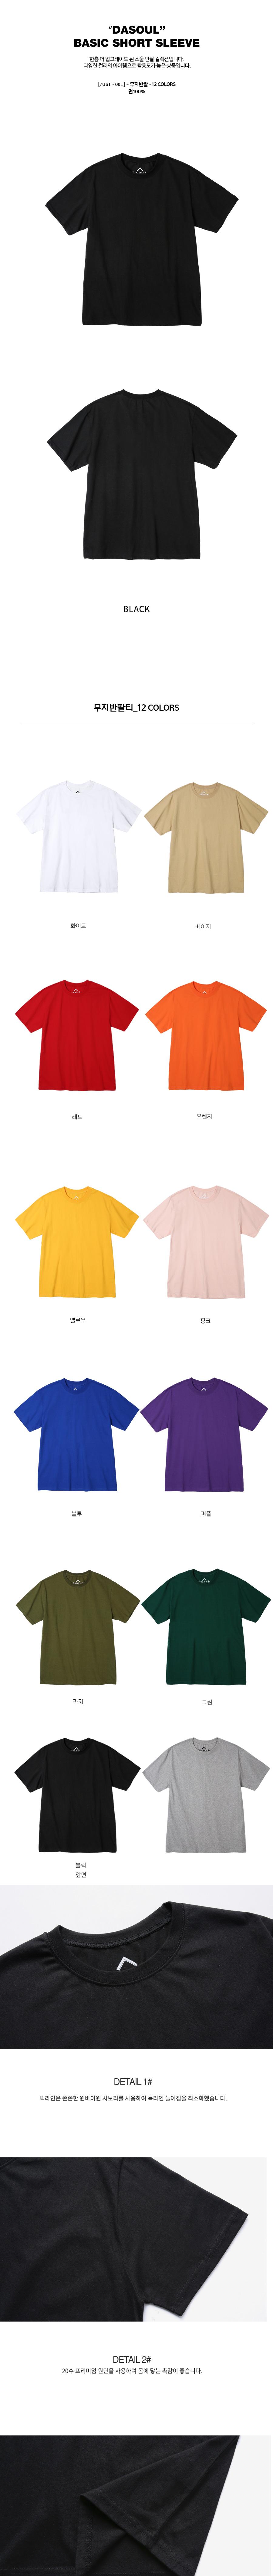 basic_short_sleeve_1.jpg